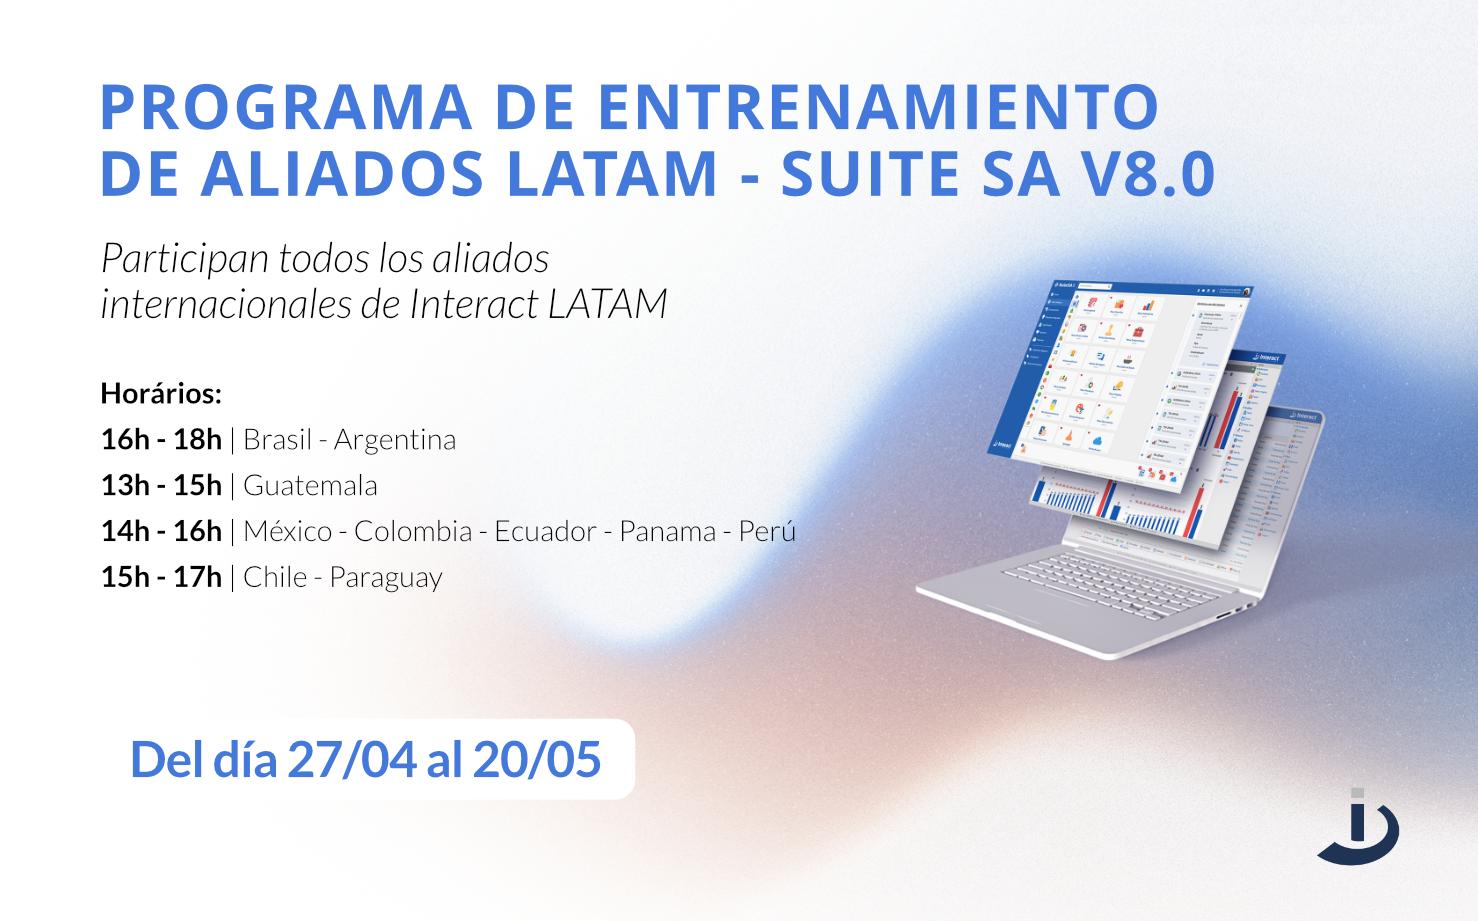 Interact Latam promove treinamento com parceiros internacionais